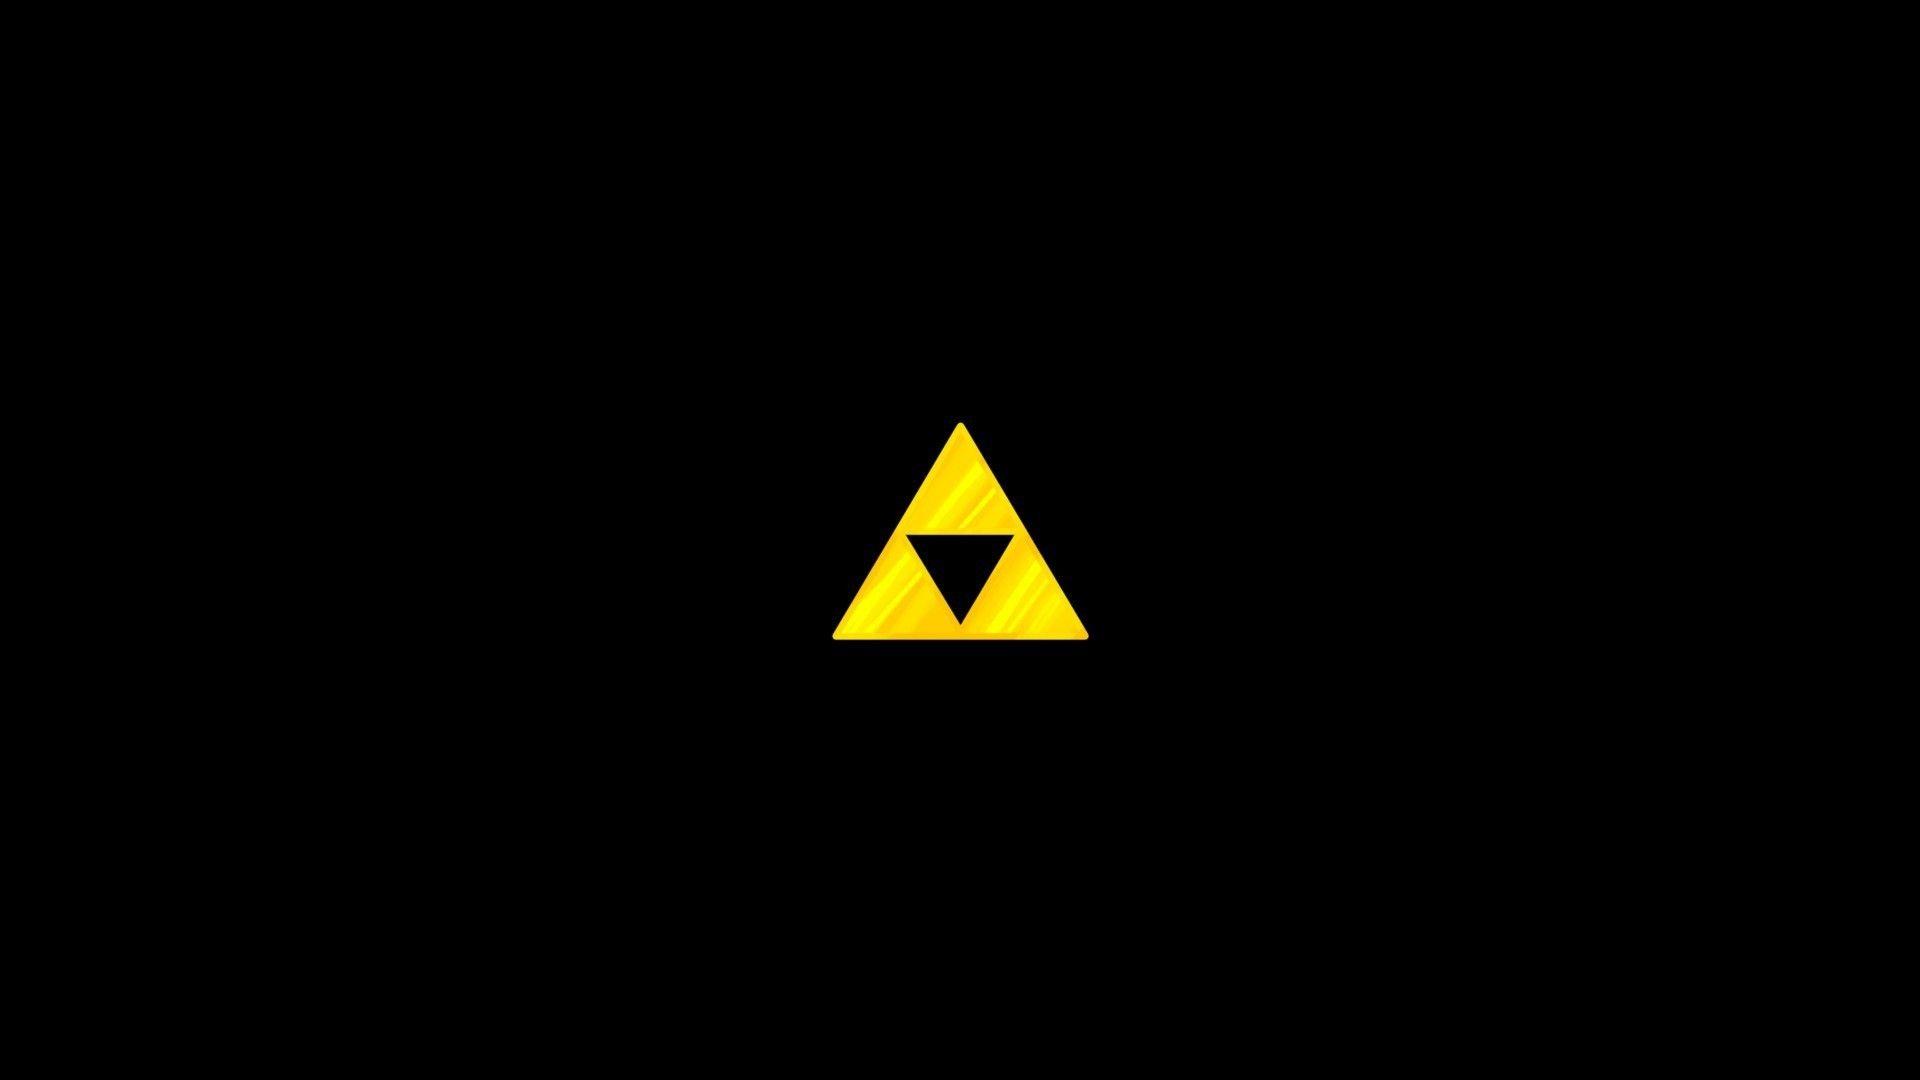 The Legend Of Zelda Black Background Simple Triforce Wallpaper Background Images Hd Black Backgrounds Legend Of Zelda